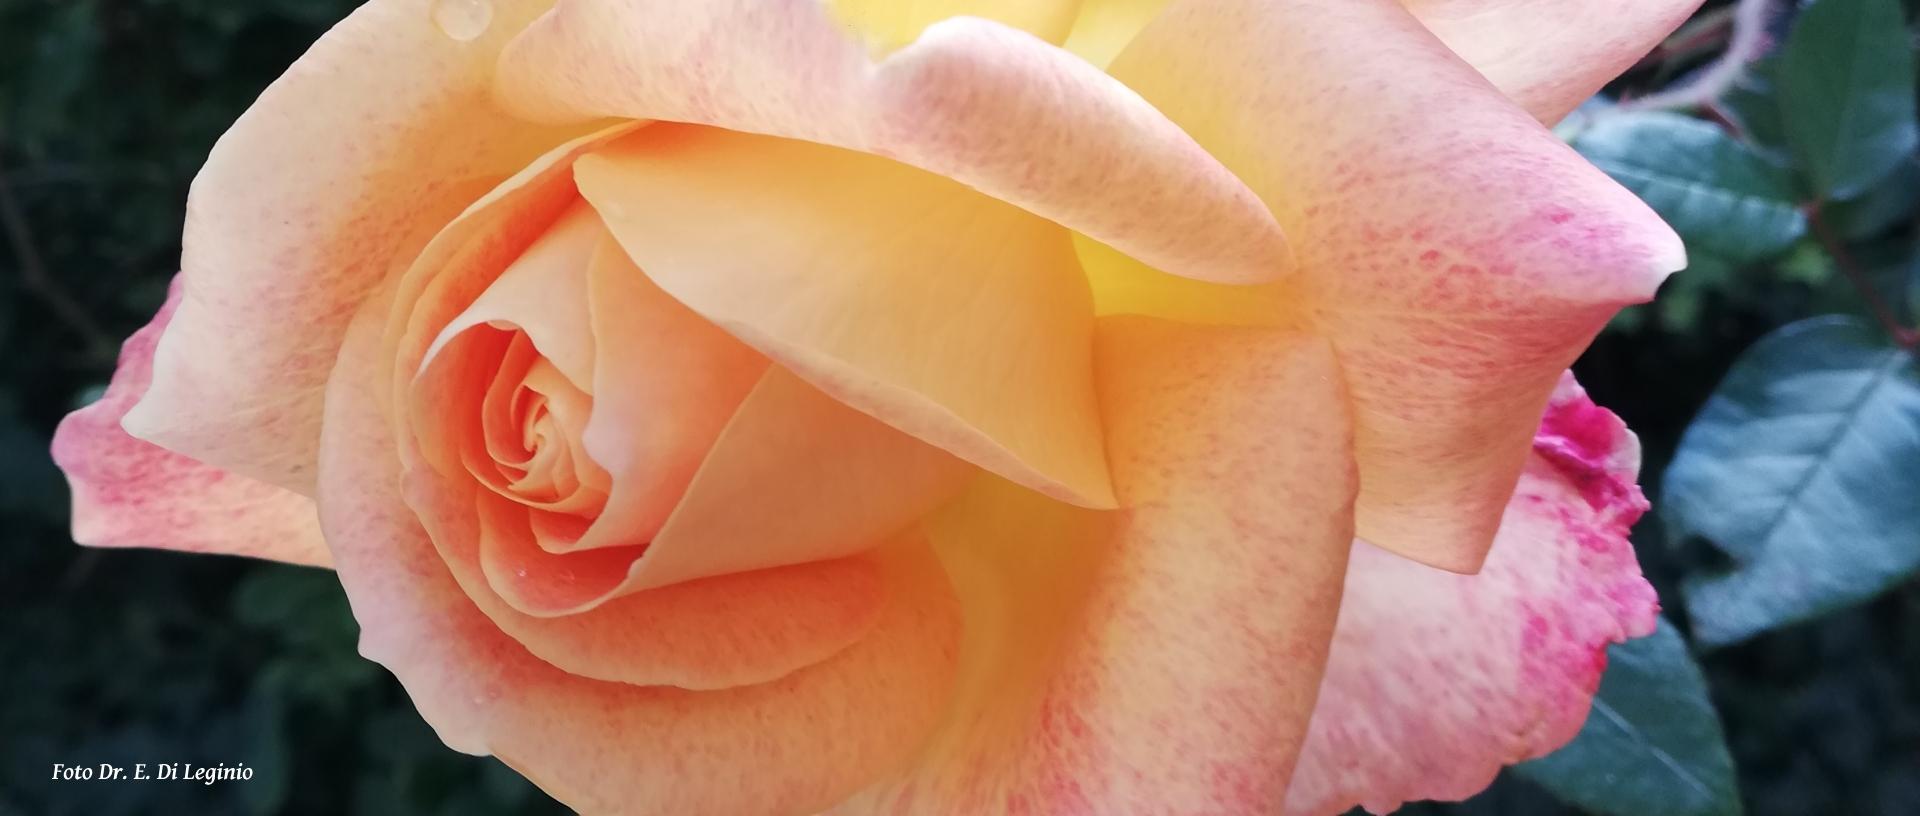 Le rose d'Inverno?